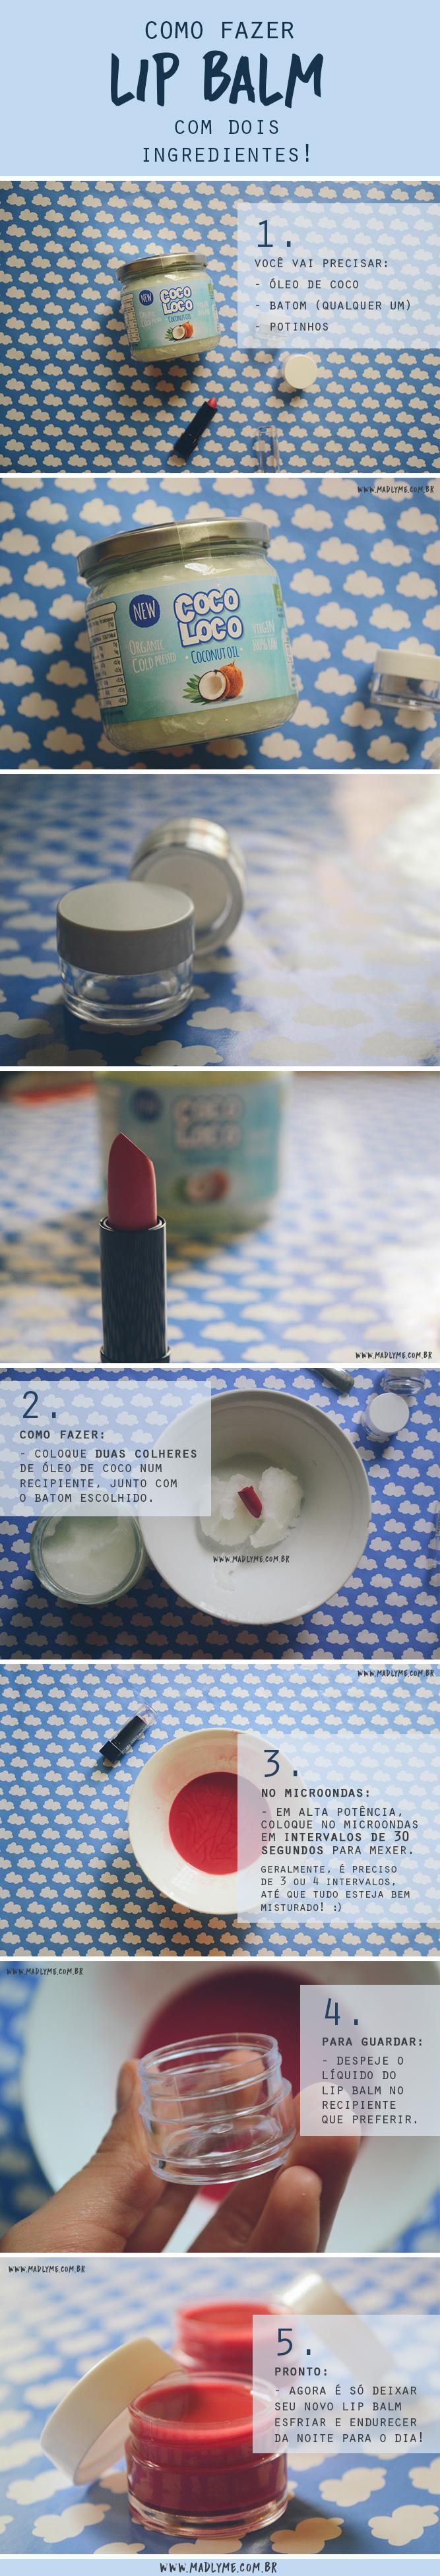 capa_lip_balm_caseiro_homemade_handcraft_diy_natural